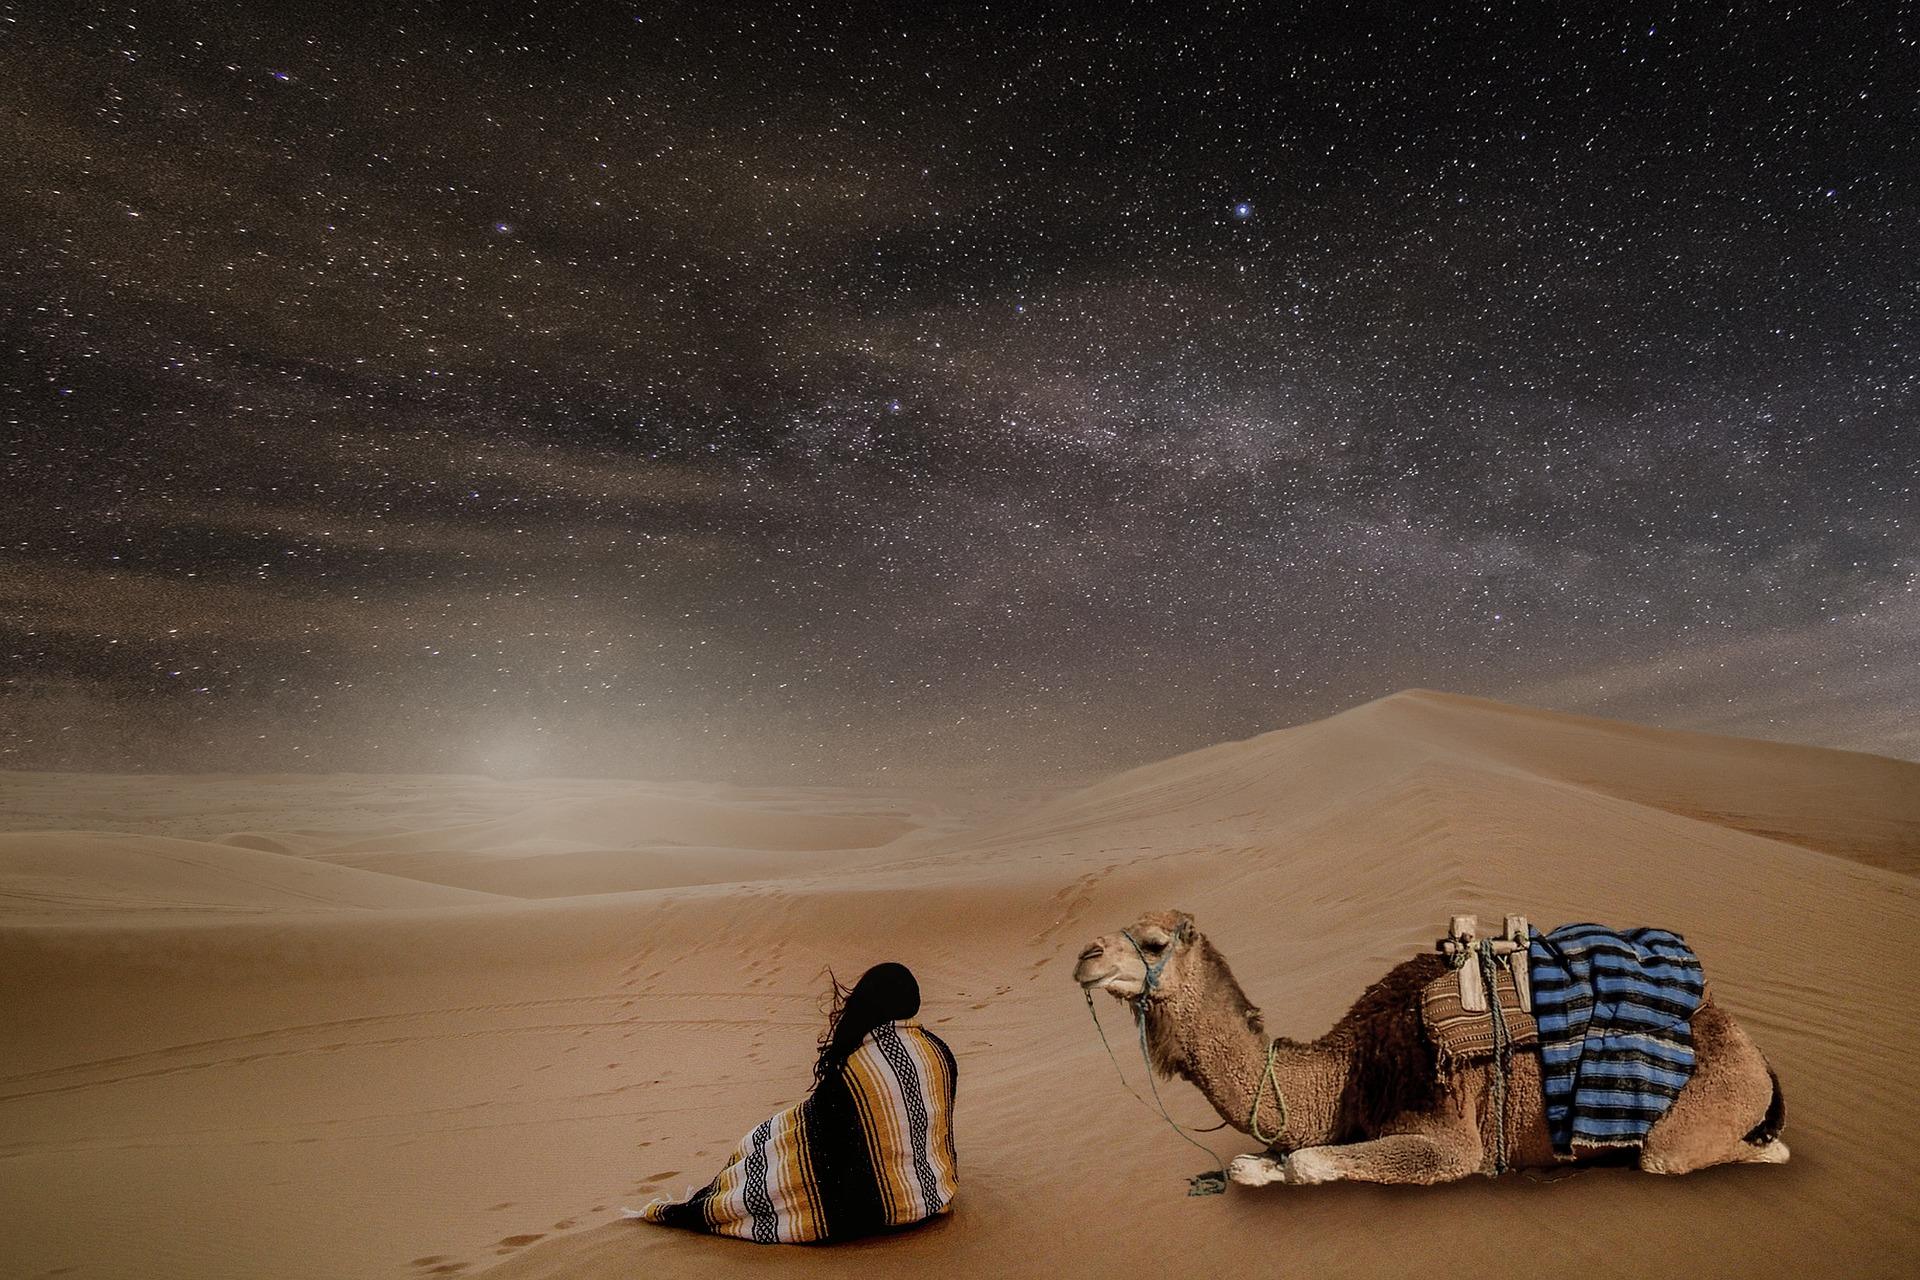 desert-2897107_1920